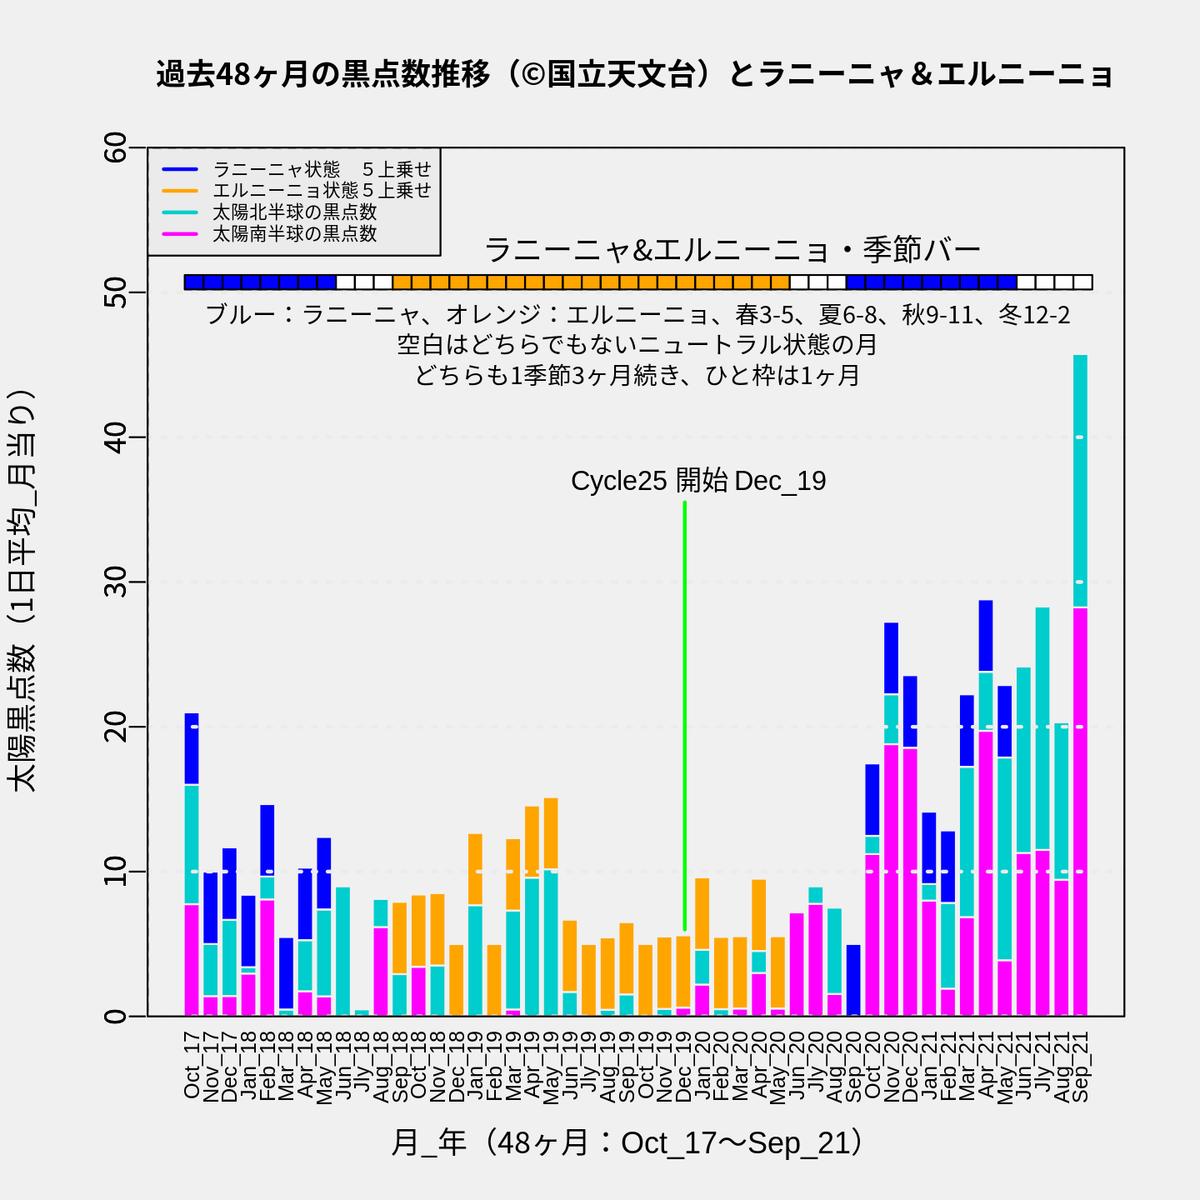 f:id:yoshihide-sugiura:20211003175351p:plain